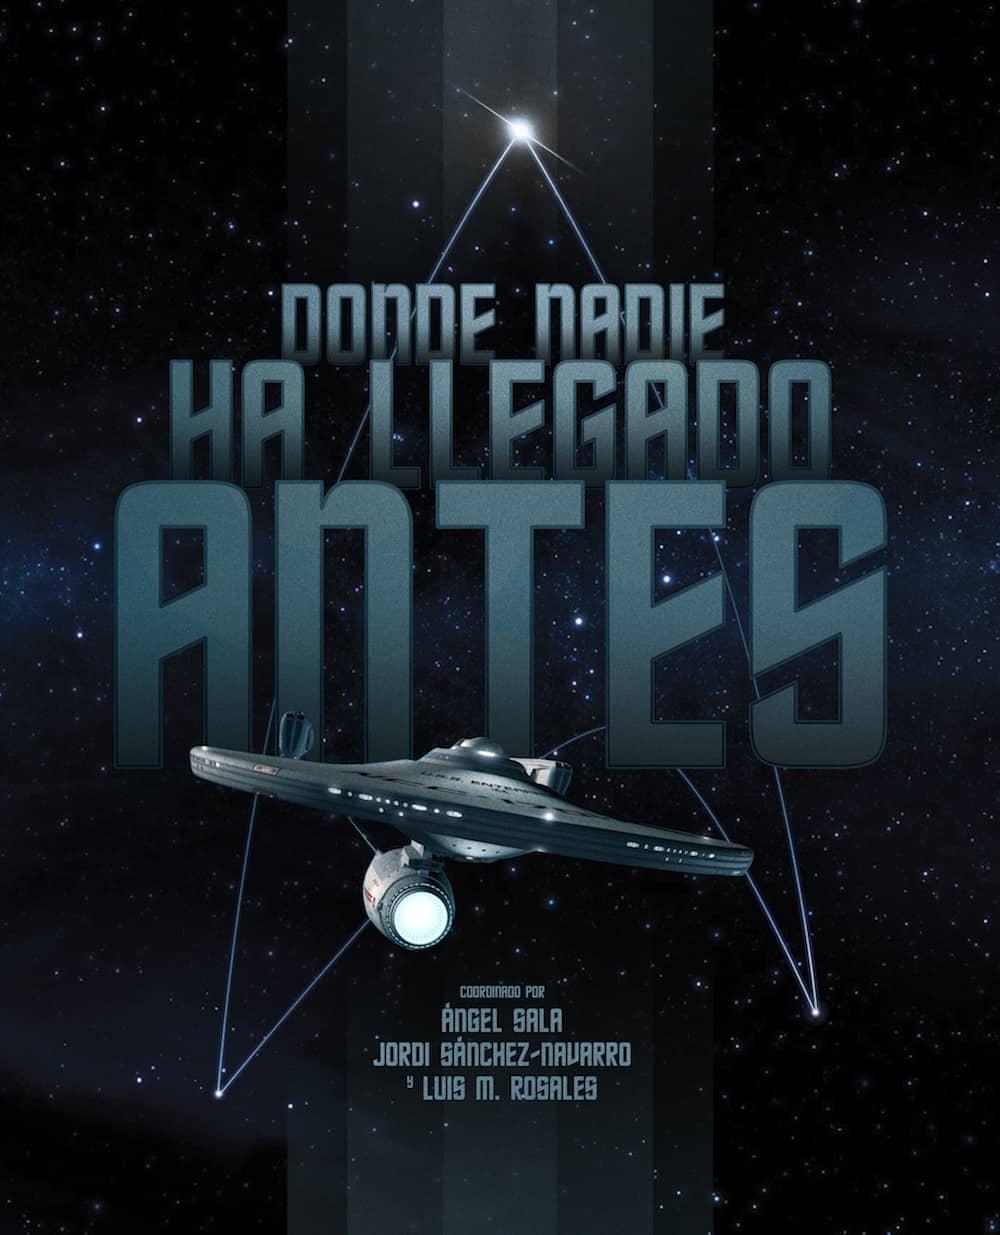 DONDE NADIE HA LLEGADO ANTES (STAR TREK)